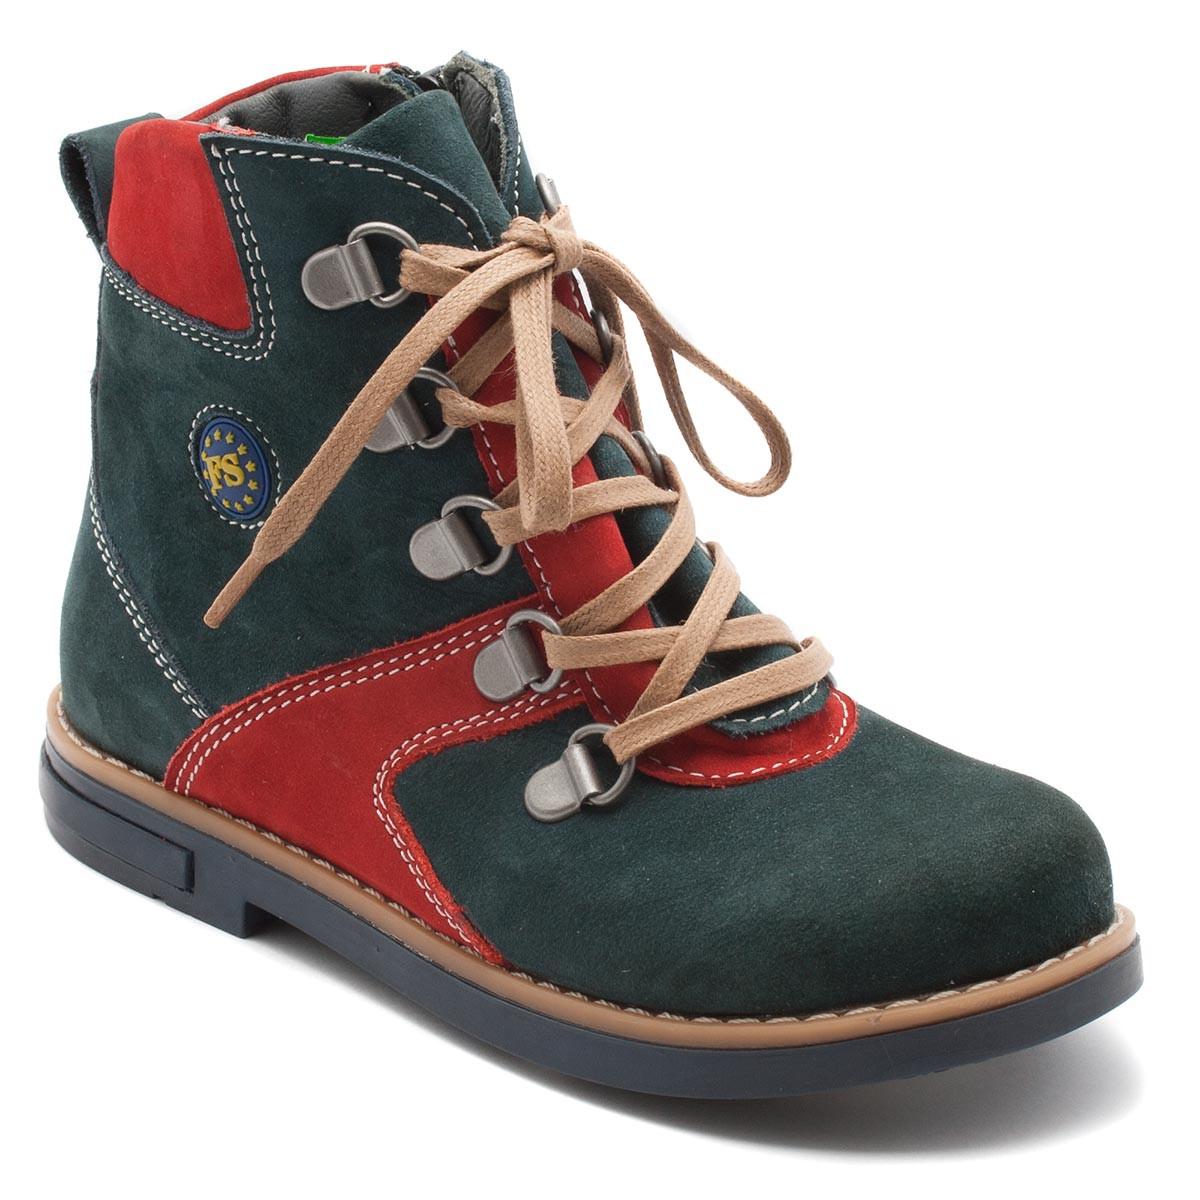 Ботинки FS Сollection на мальчика, демисезонные, зеленые, размер 26-31